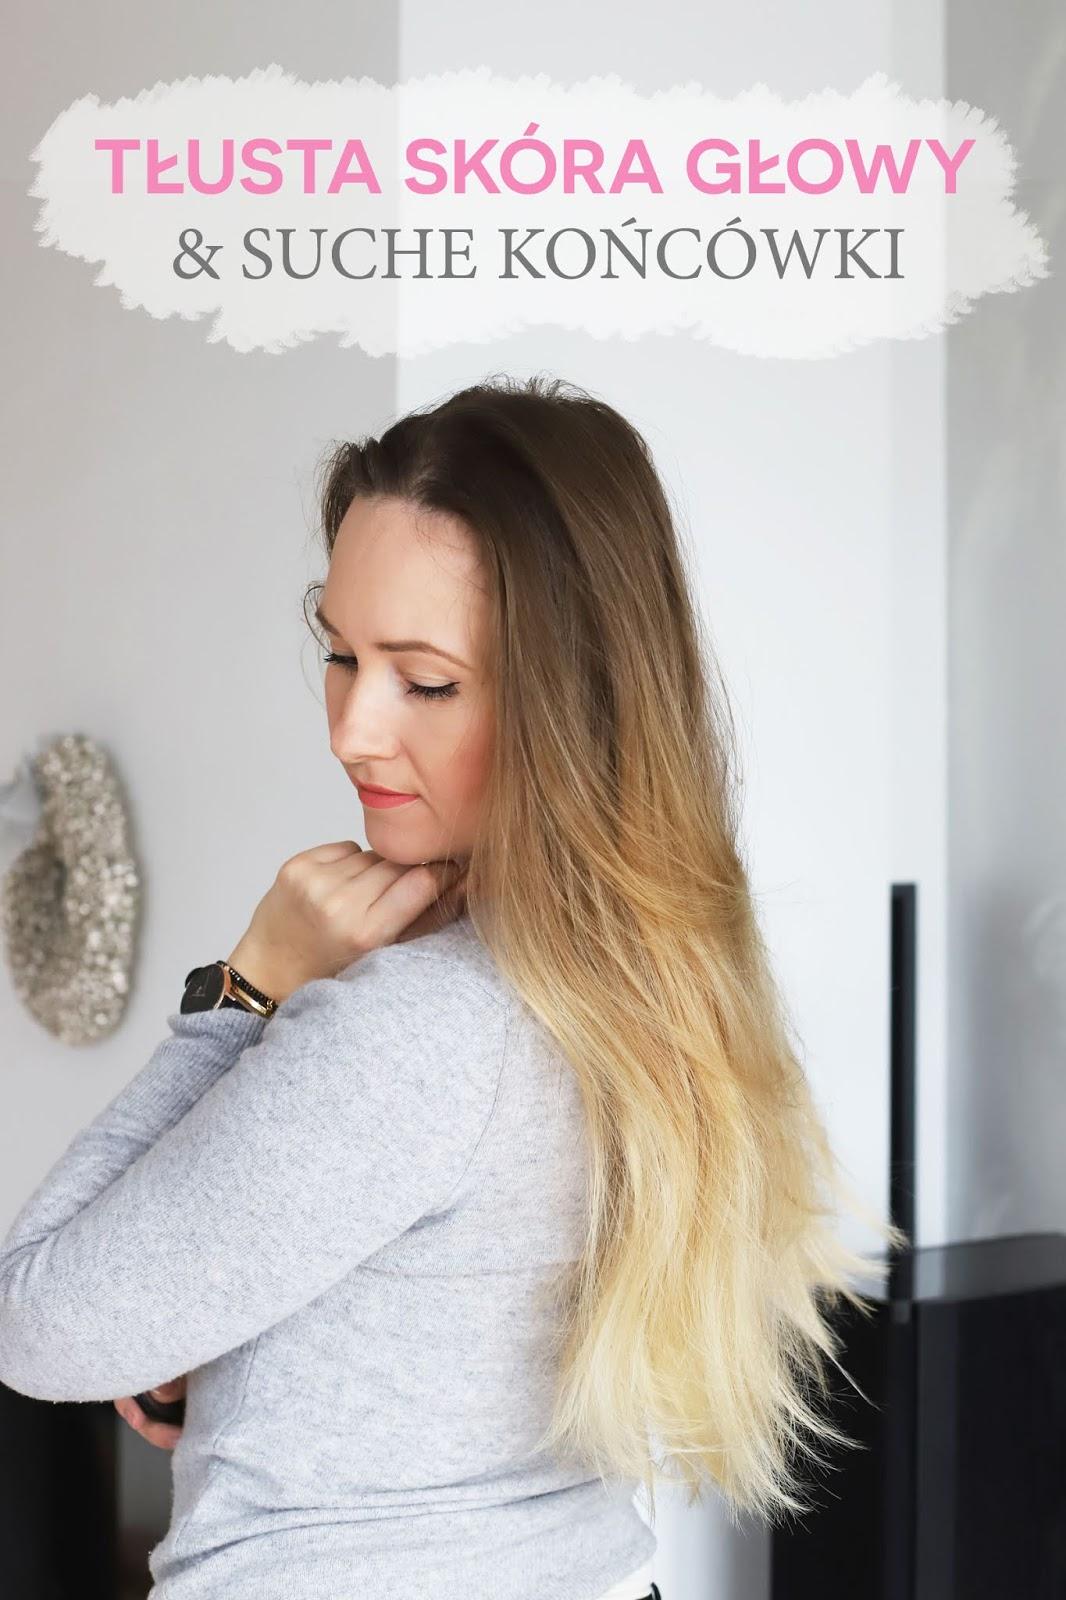 jantar płyn przeciw wypadaniu włosów